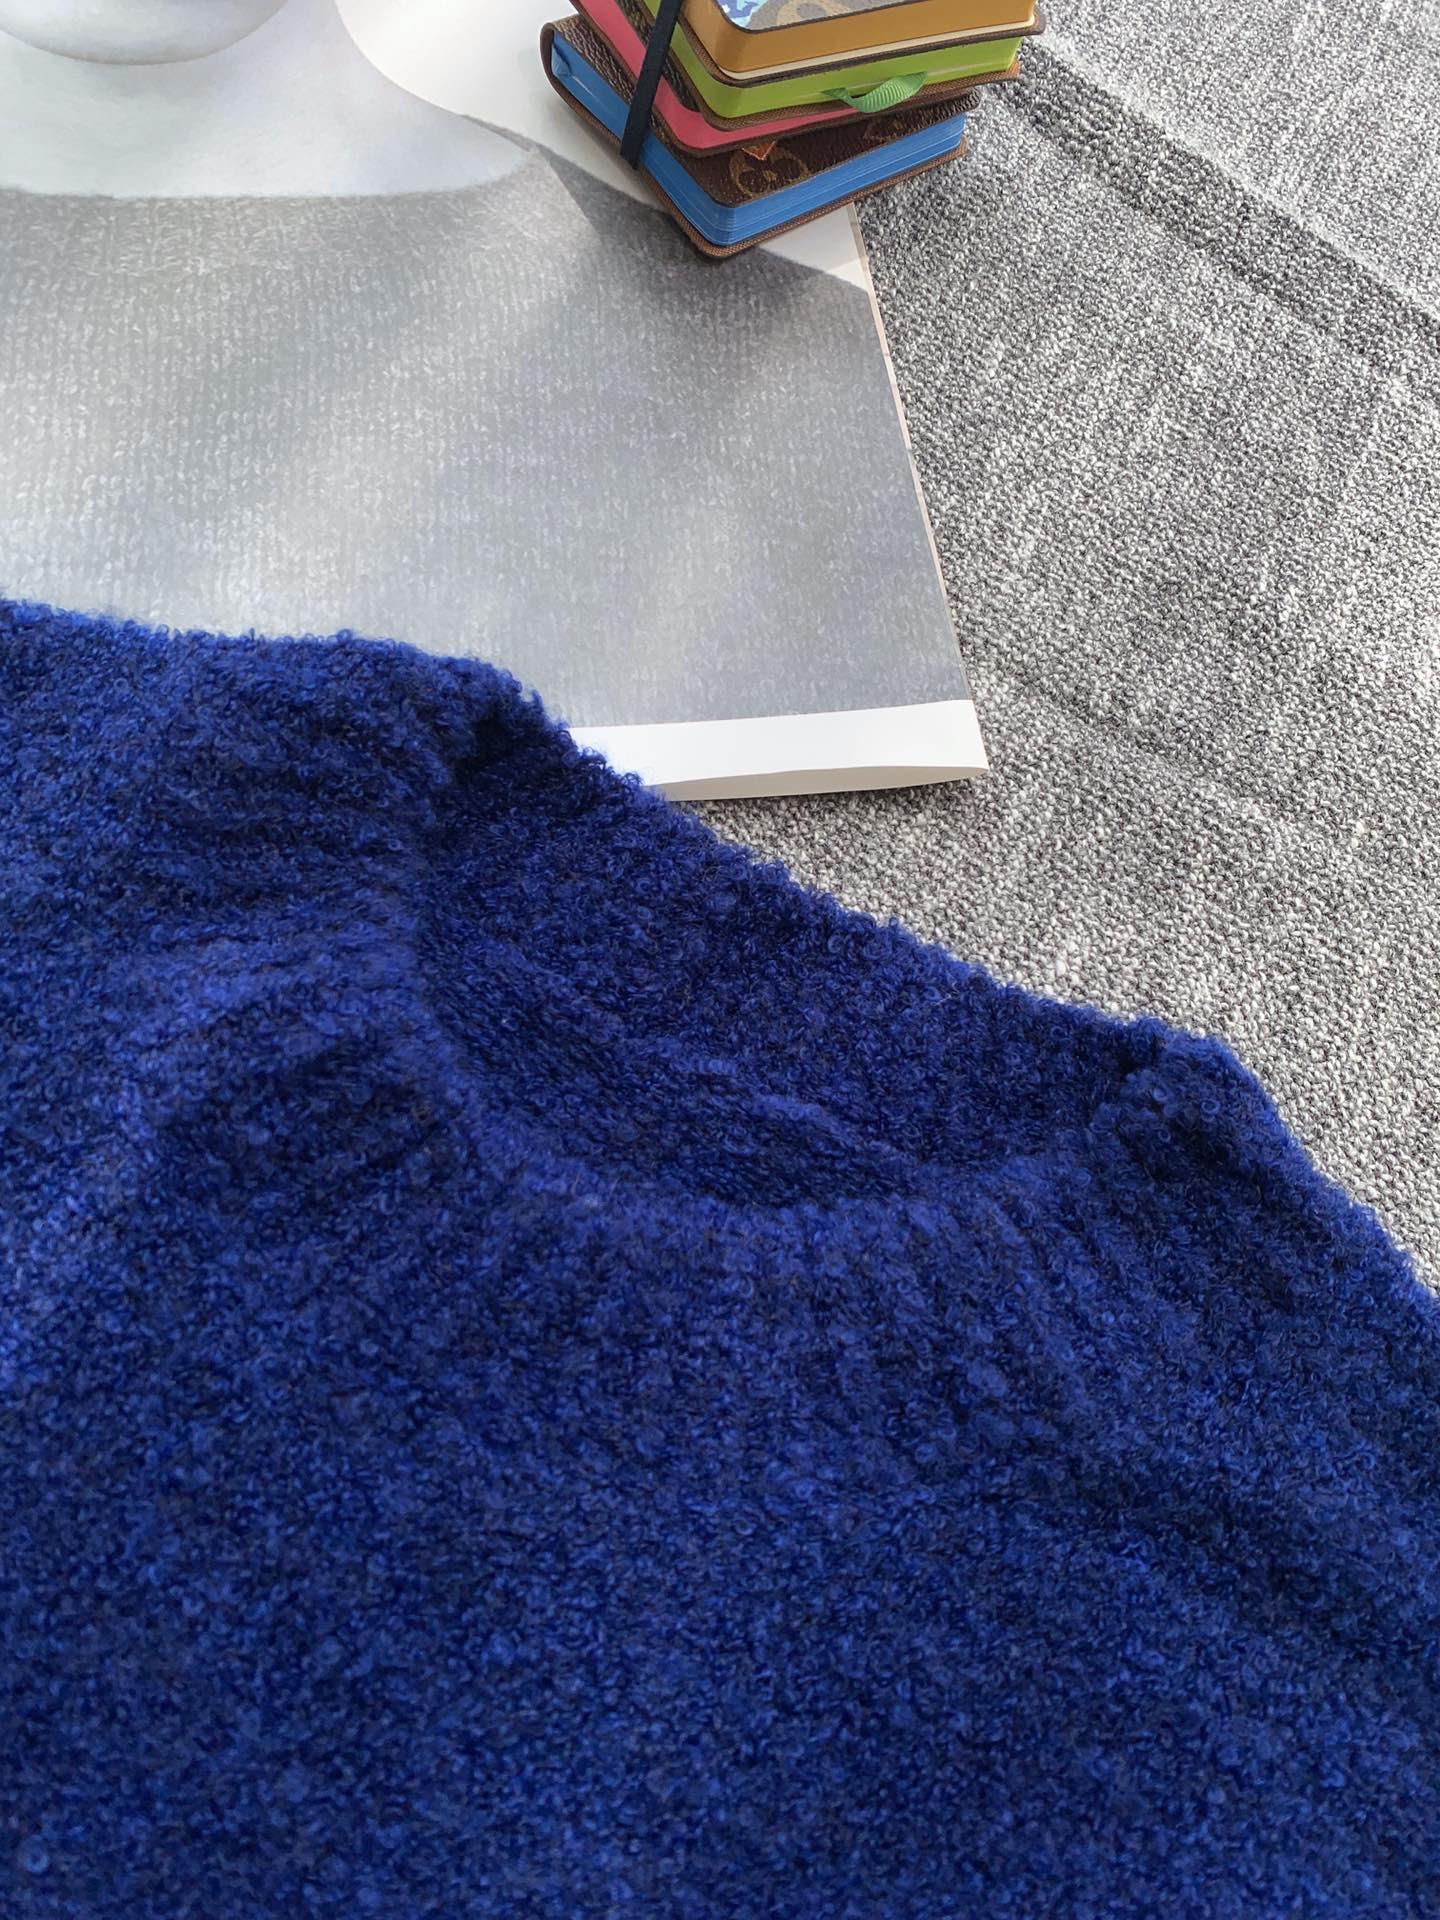 intarsia crewneck 1A7XOH    sweater    men sweater  11